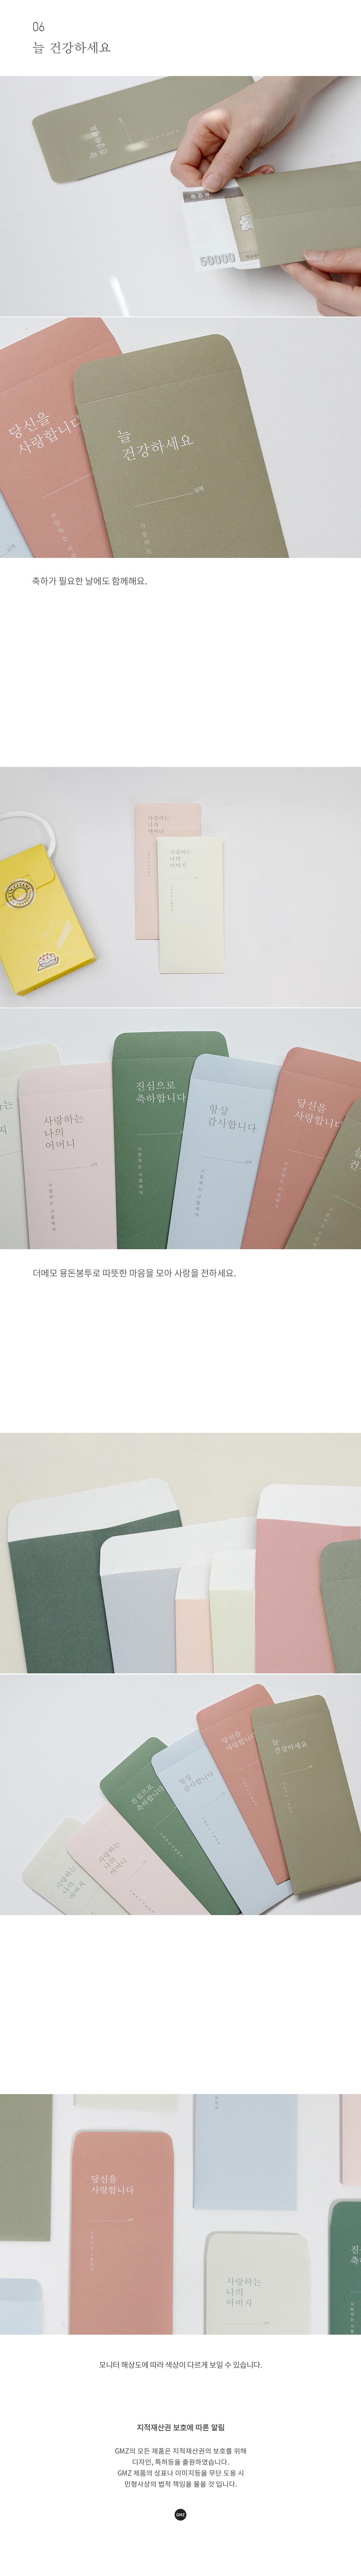 더메모 용돈봉투세트 - 건망증, 2,000원, 용돈봉투, 용돈봉투 세트/묶음